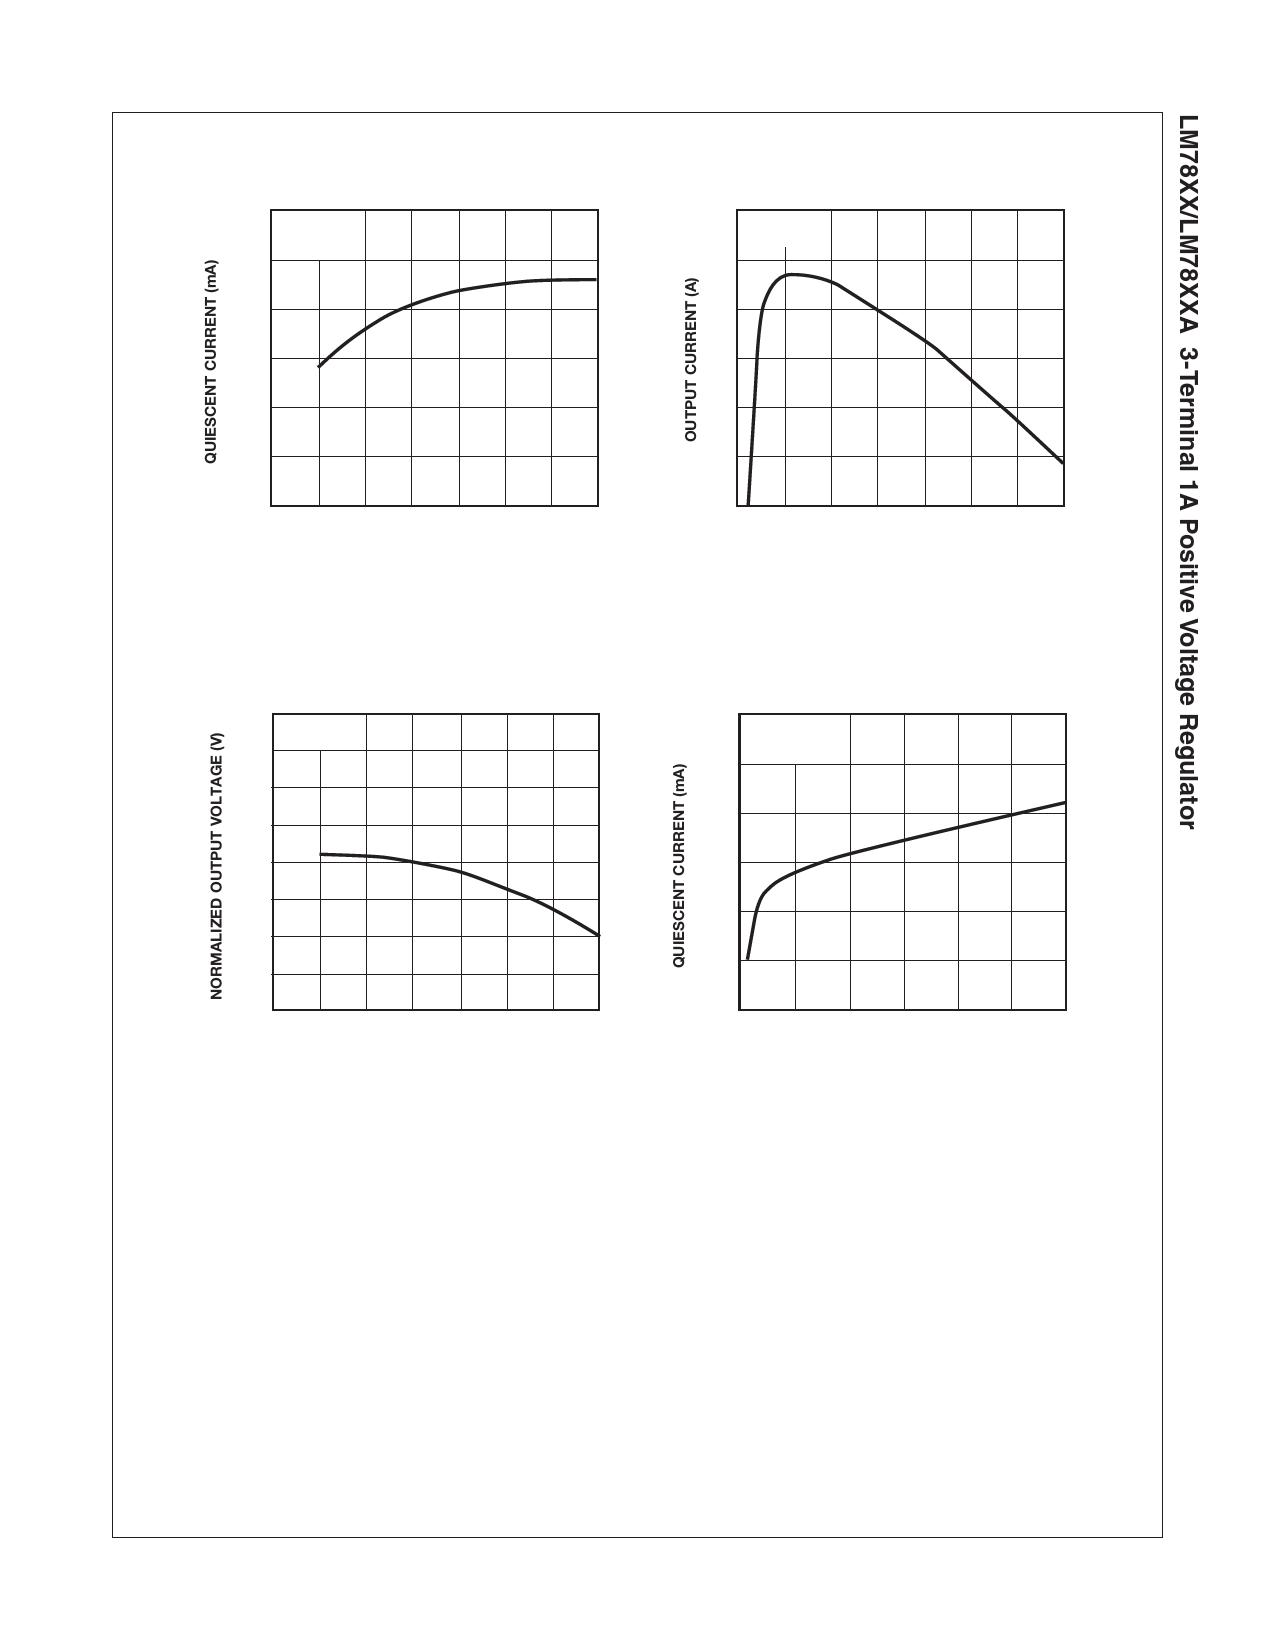 LM7810 HTML VIEW PDF DOWNLOAD 数据手册, LM7810 数据表